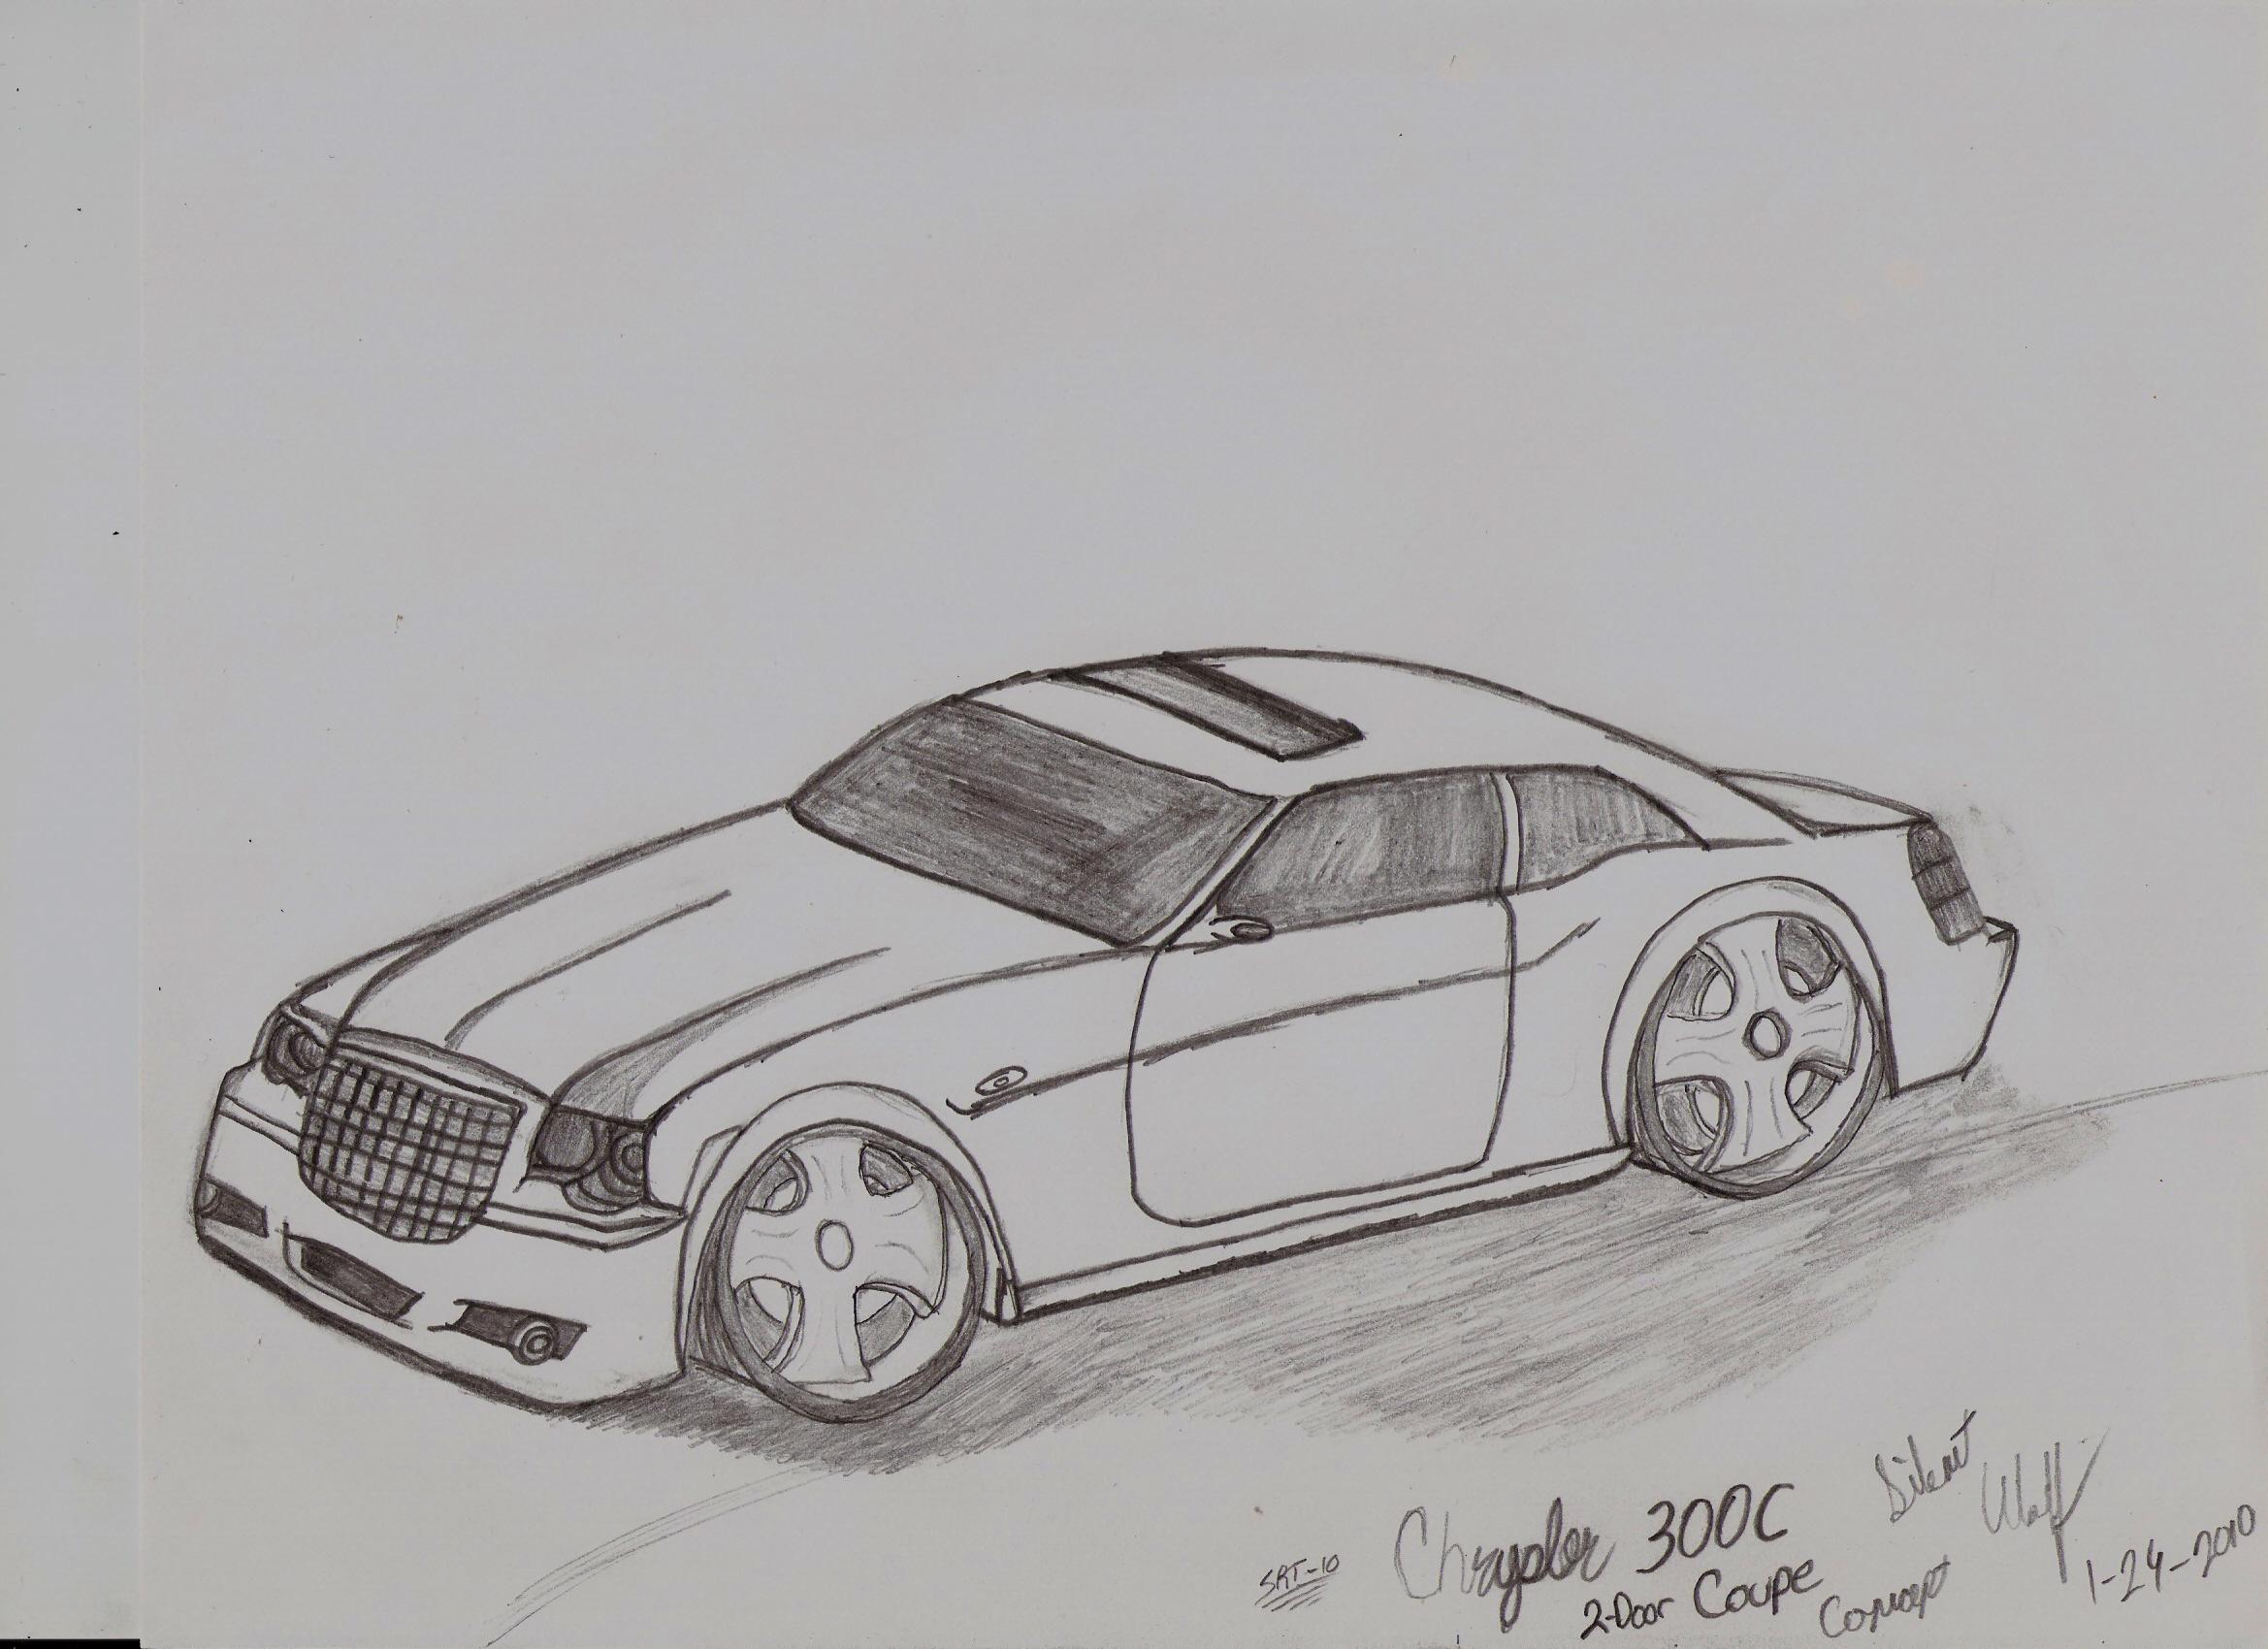 Chrysler SRT-10 300C concept